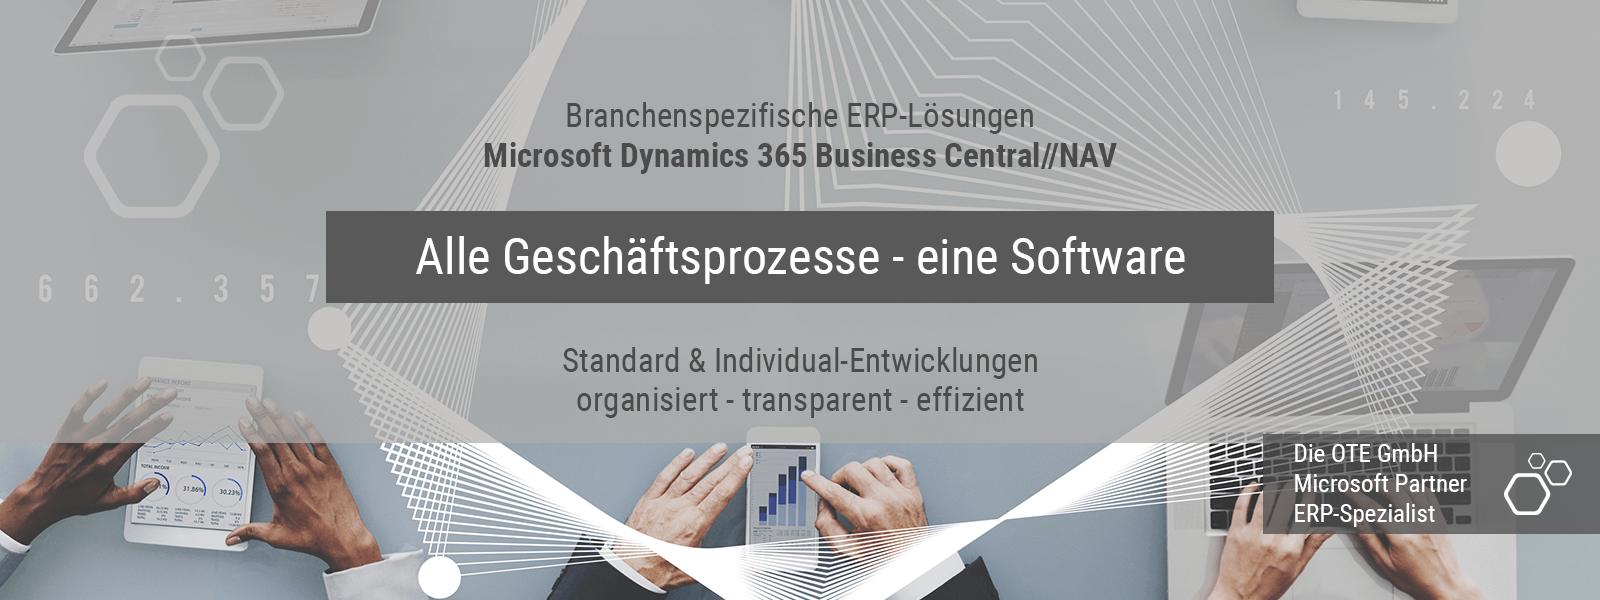 Header-OTE GmbH-Microsoft Partner-ERP-Spezialist für die DACH-Region